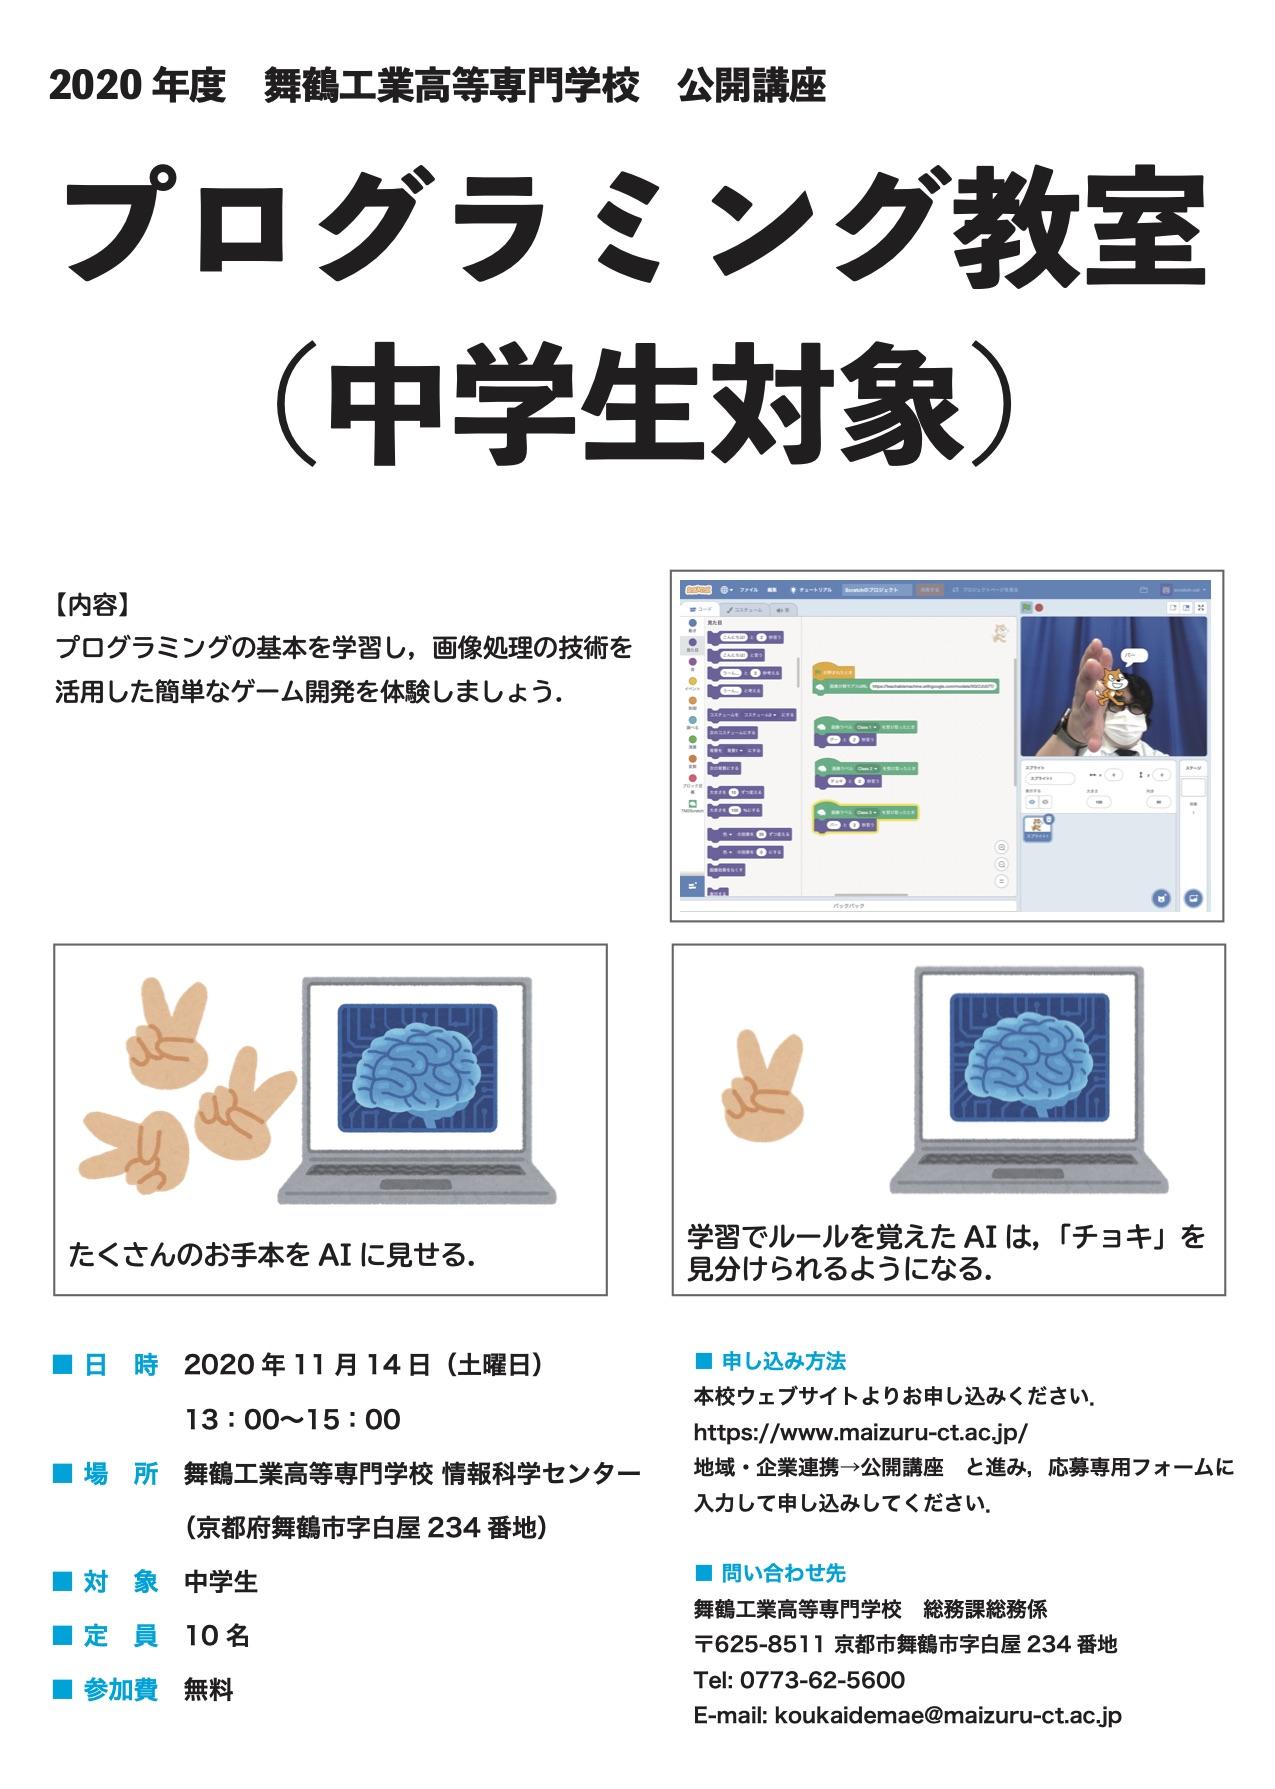 プログラミング教室(中学生向け)